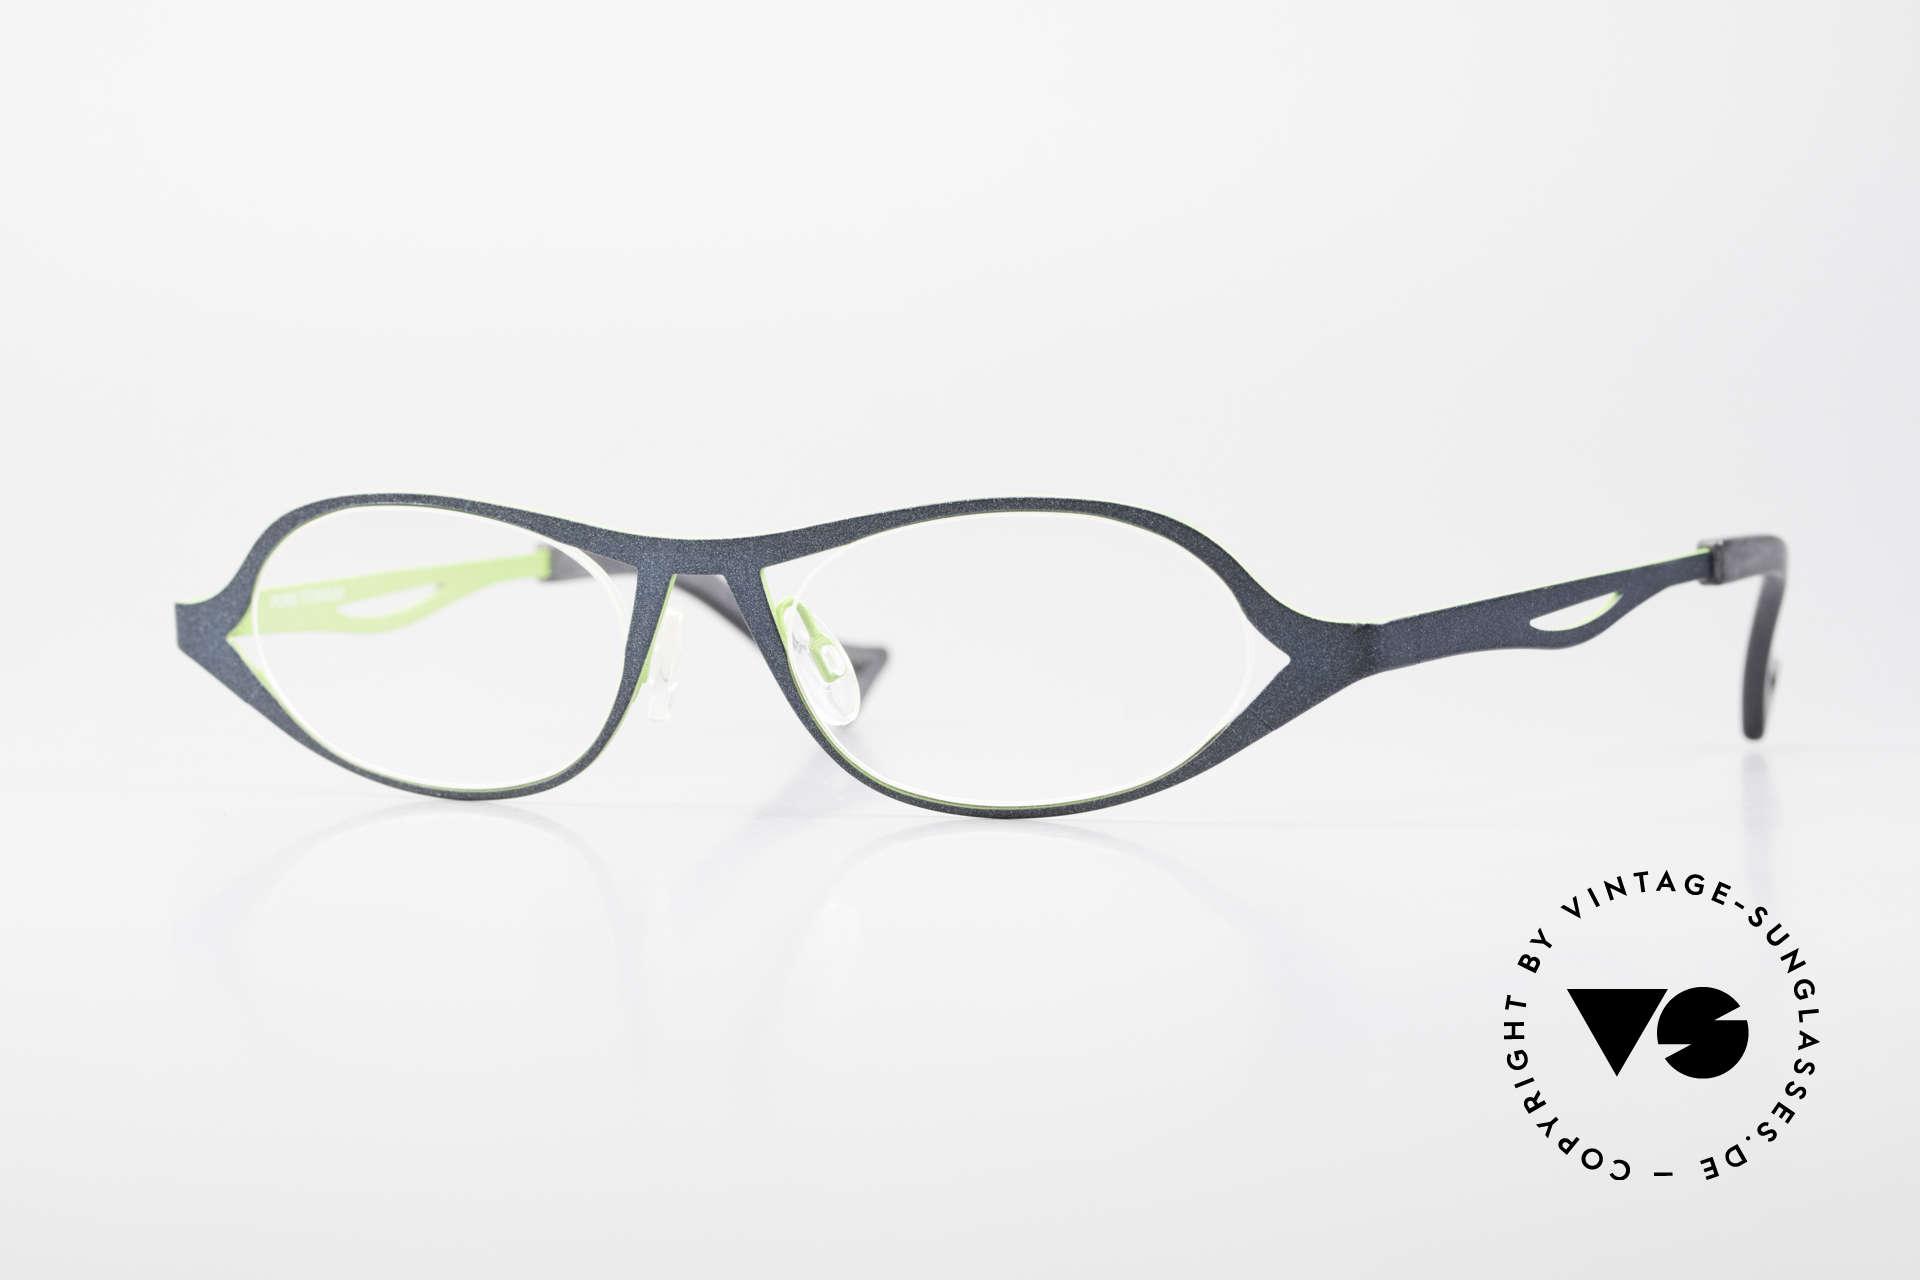 Theo Belgium Obligation Damenbrille Vintage Titanium, vintage Theo Belgium Designer Brille; Damenbrille, Passend für Damen